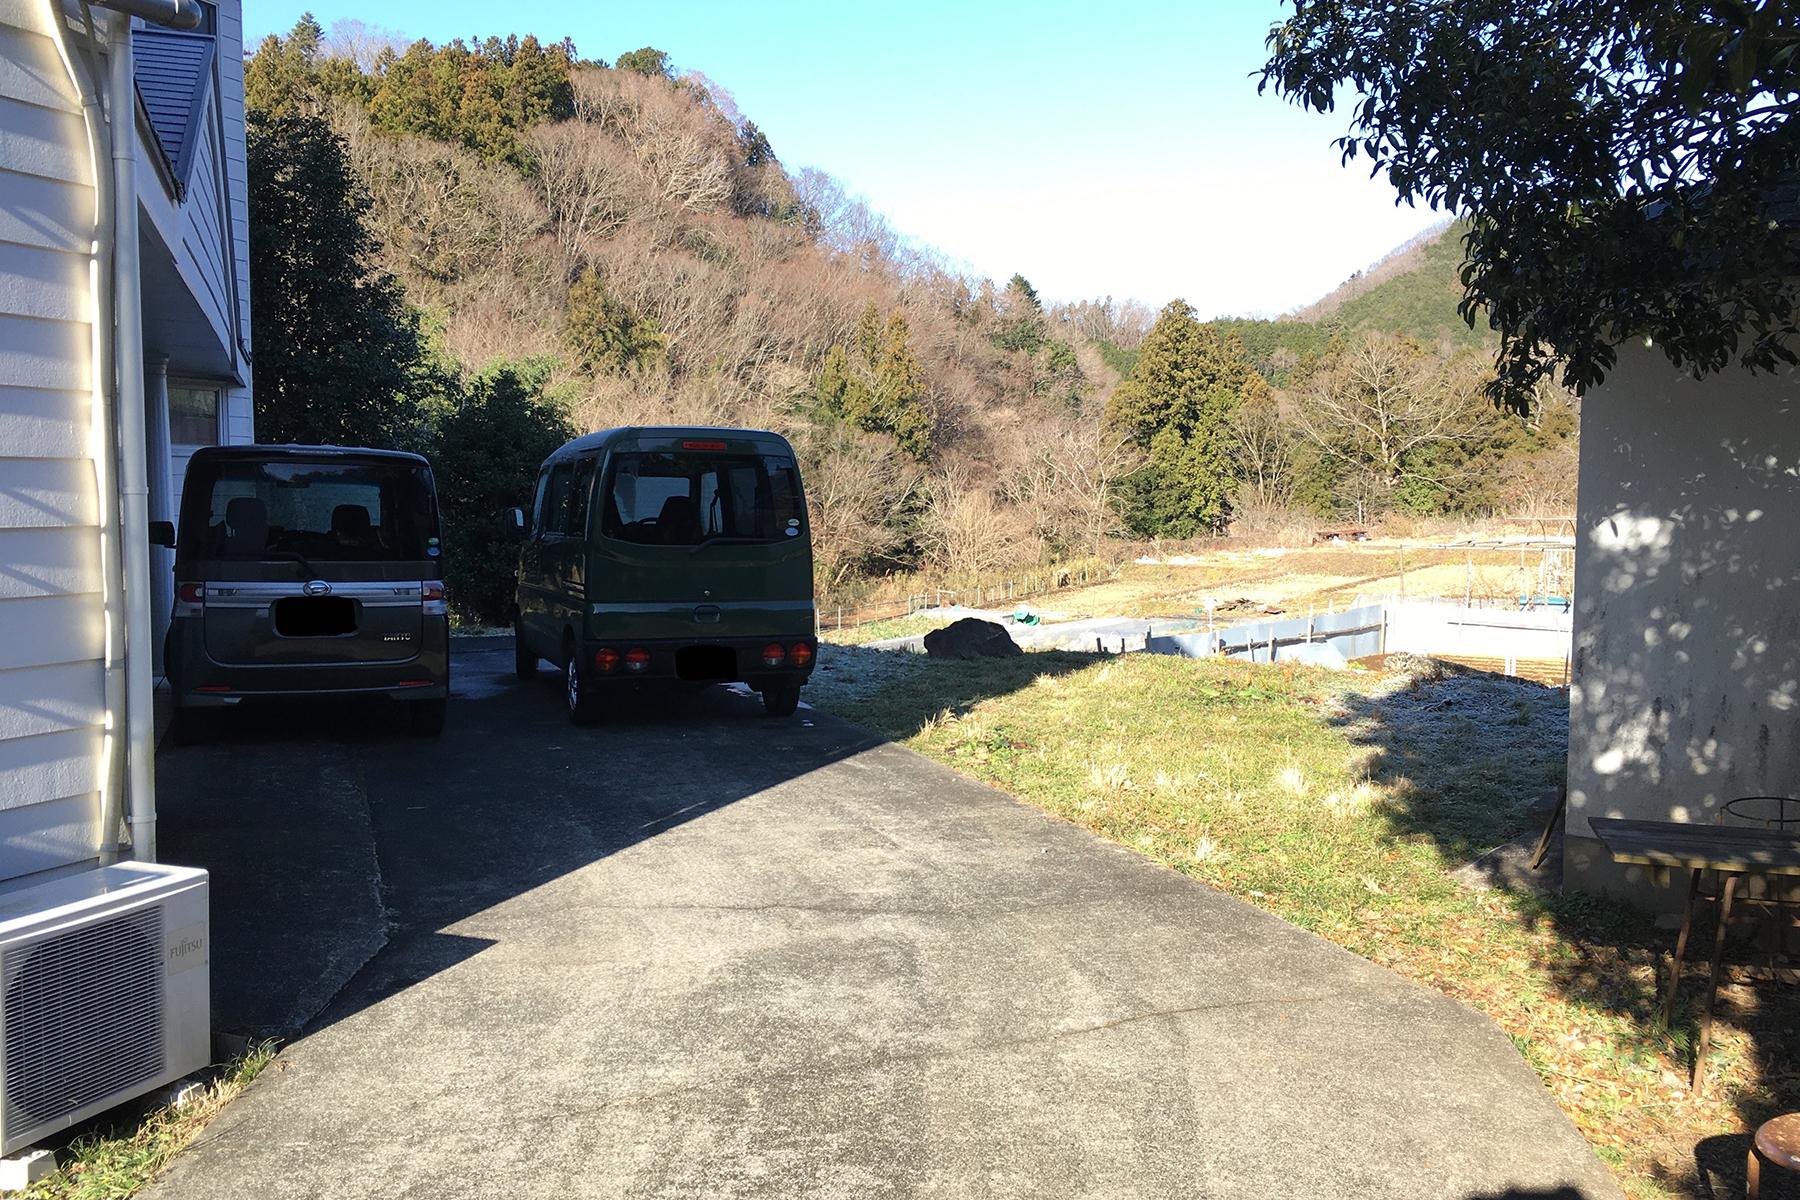 south/個人宅 (サウス)ウッドデッキ側 搬入口